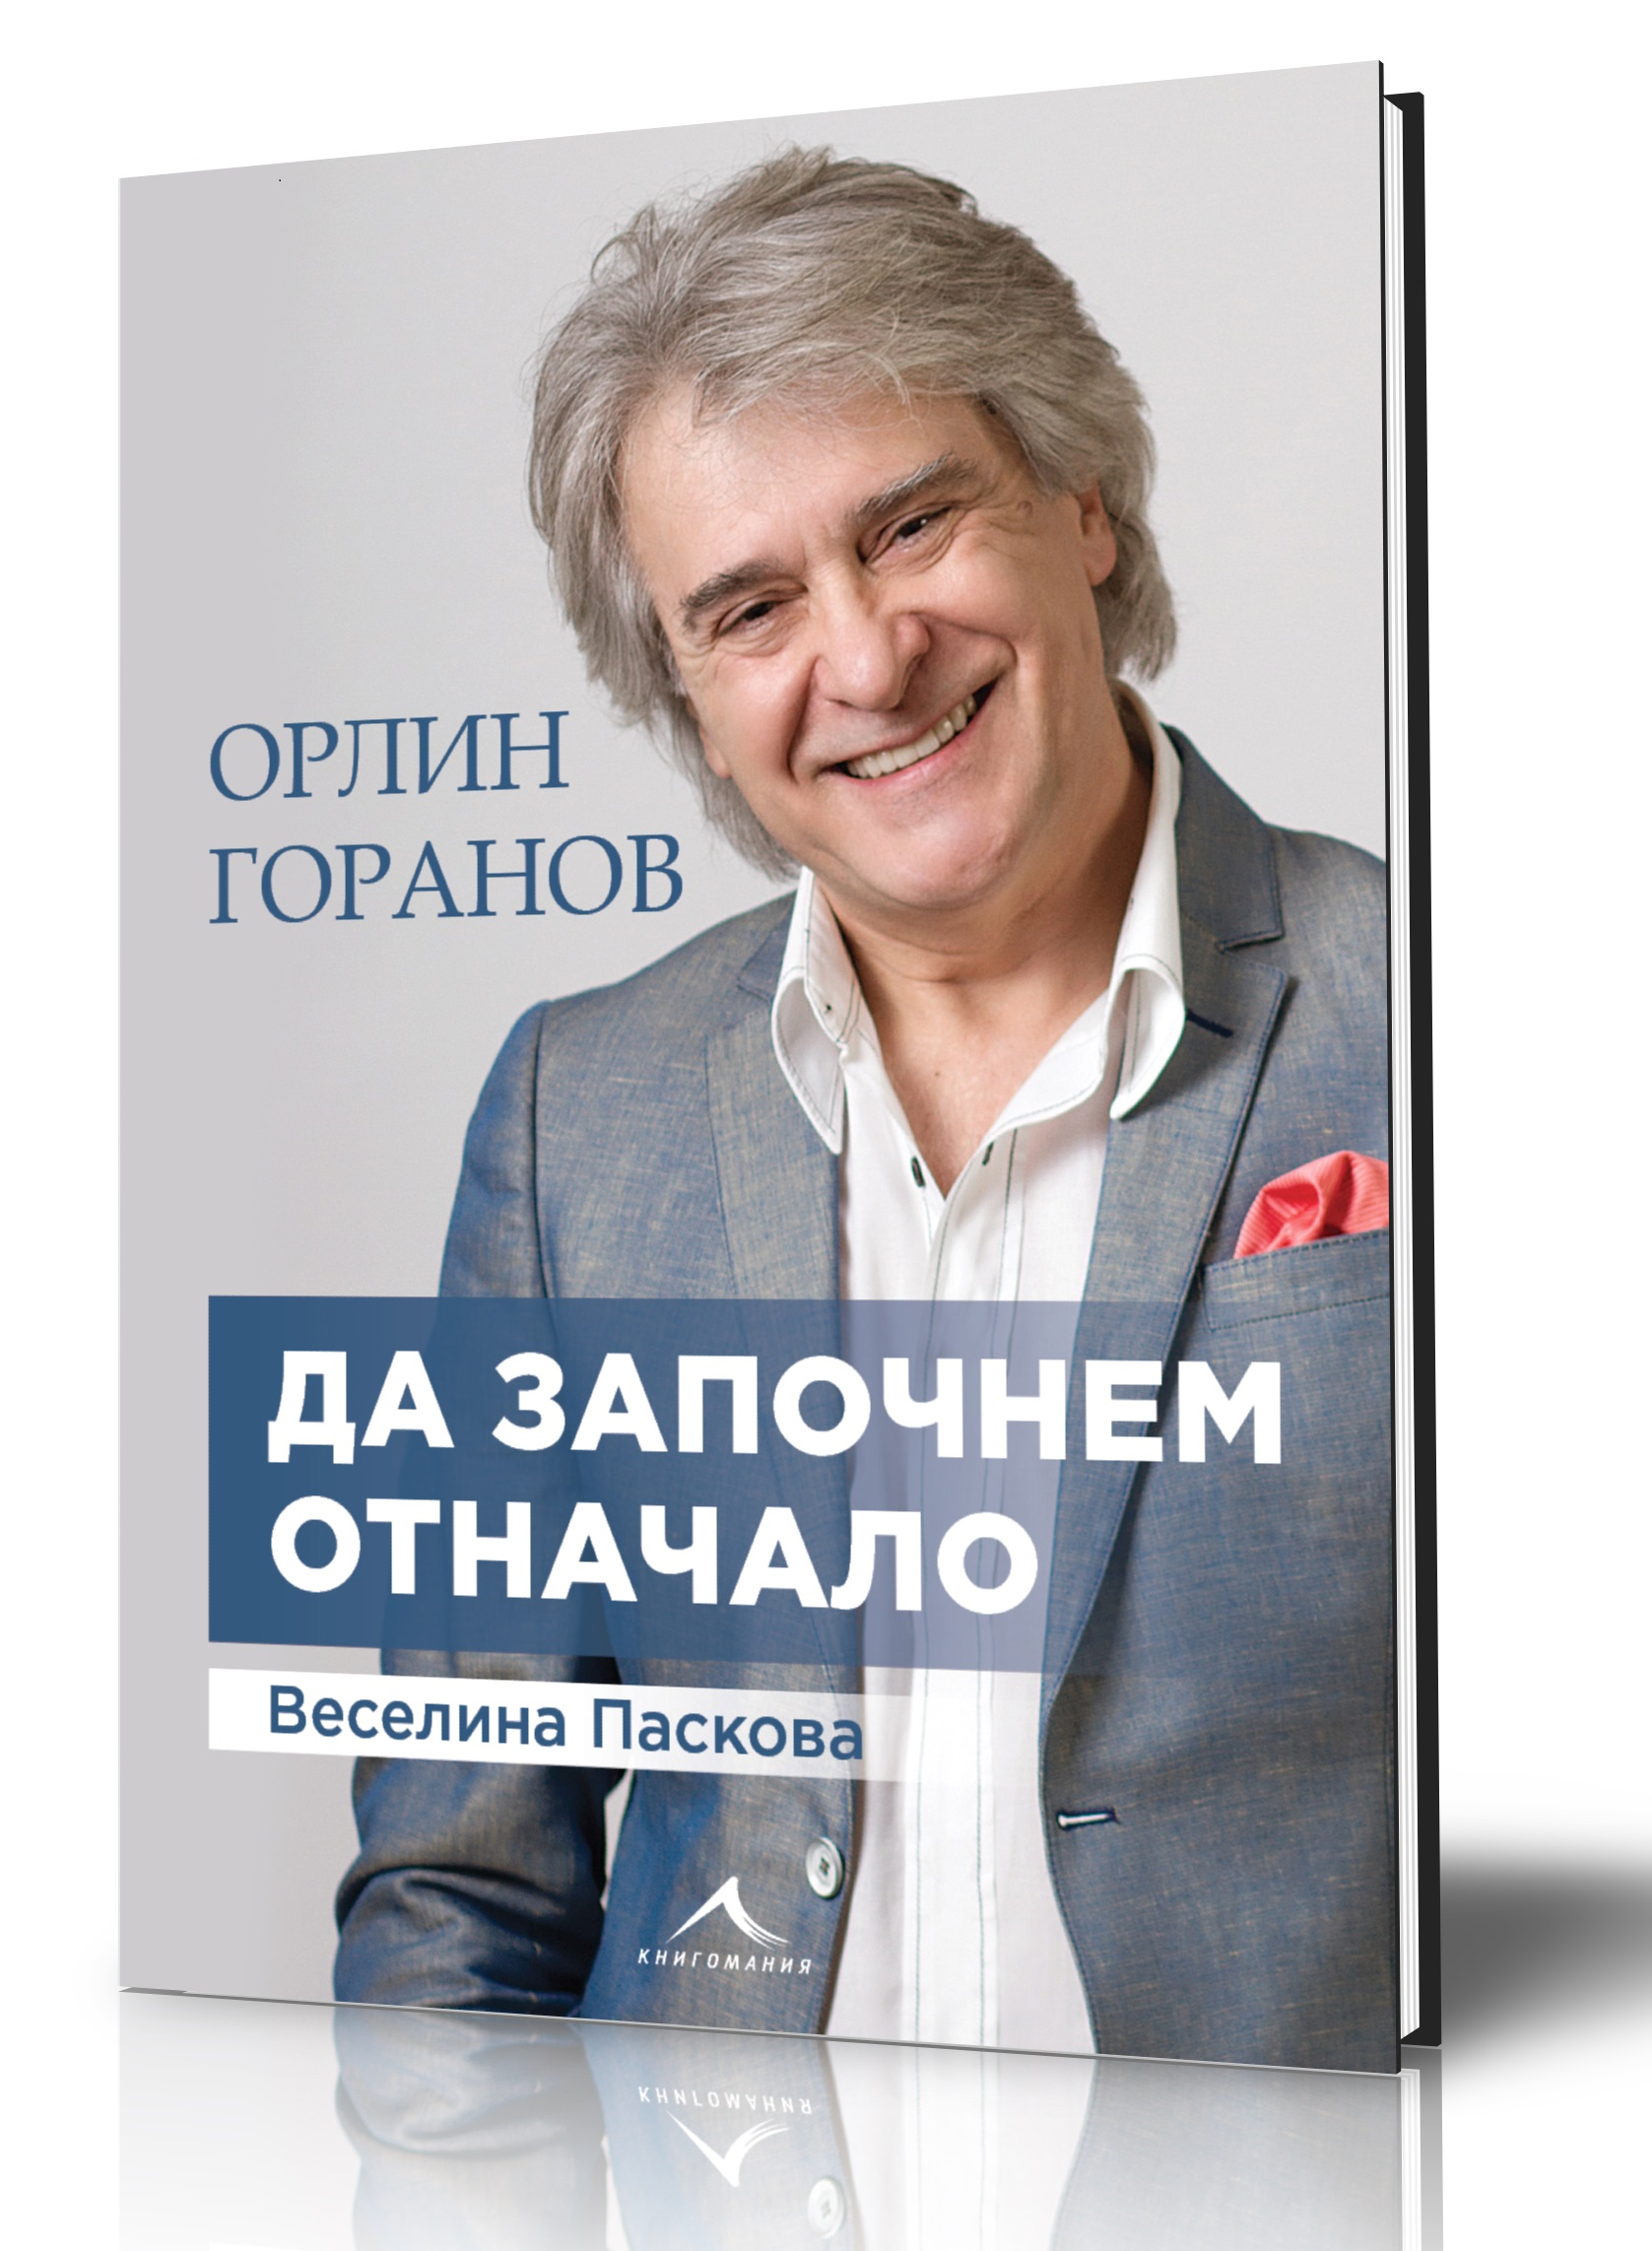 """""""Да започнем отначало"""" с Орлин Горанов"""